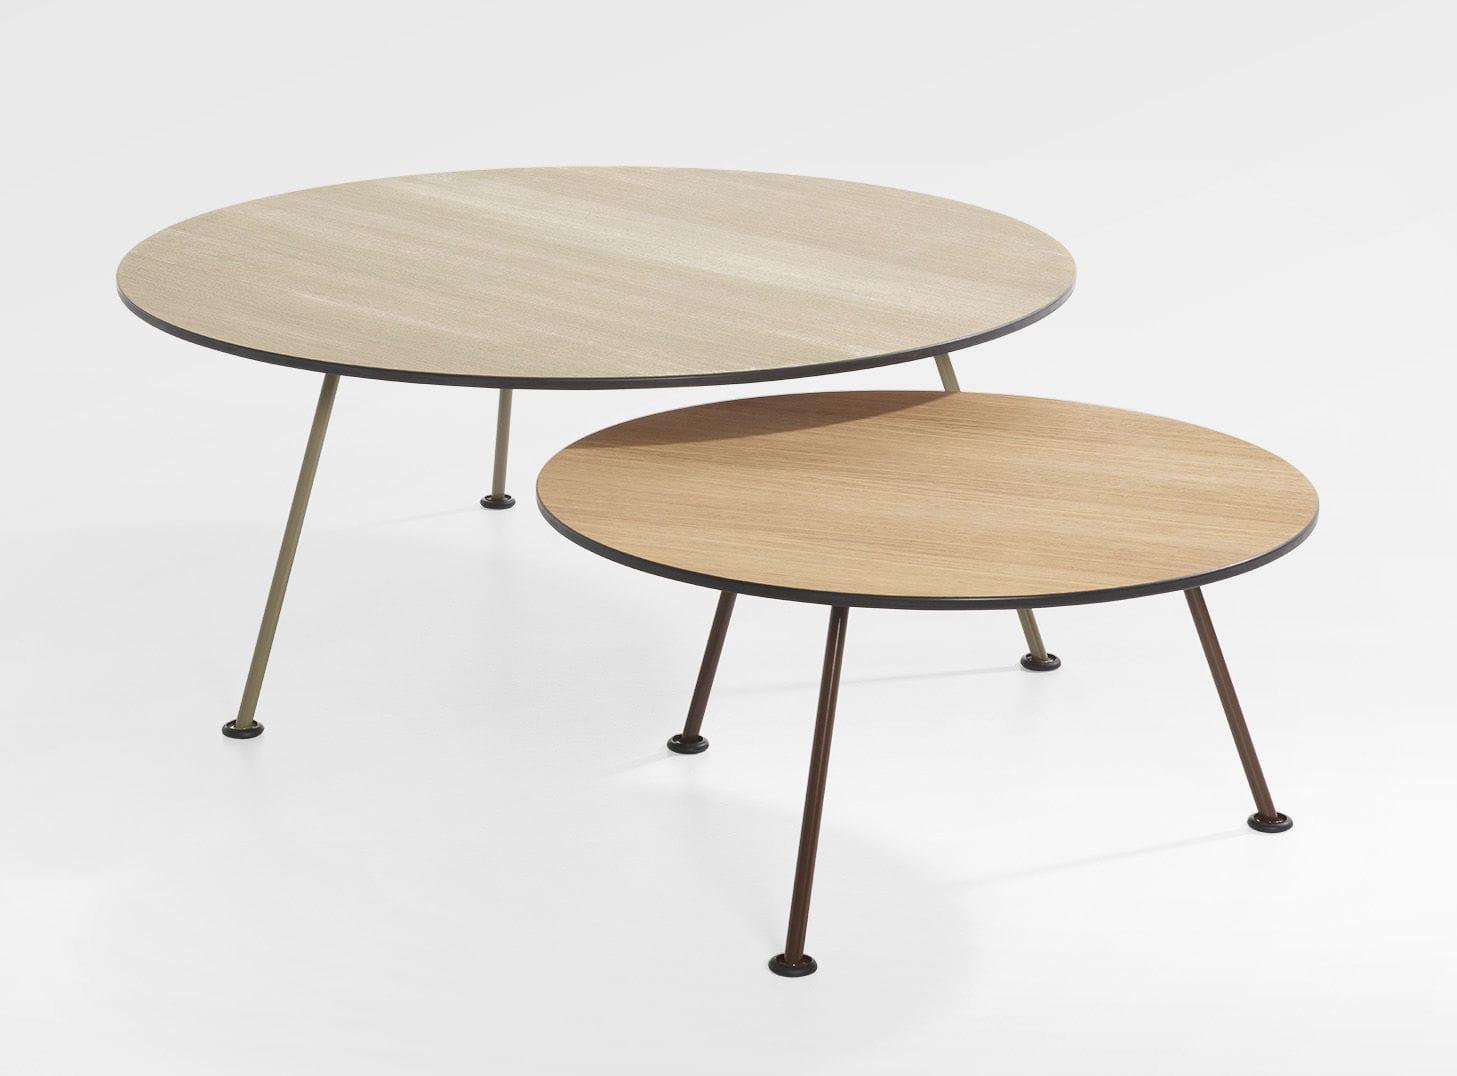 Prime Contemporary Coffee Table Oak Chromed Metal Round Inzonedesignstudio Interior Chair Design Inzonedesignstudiocom